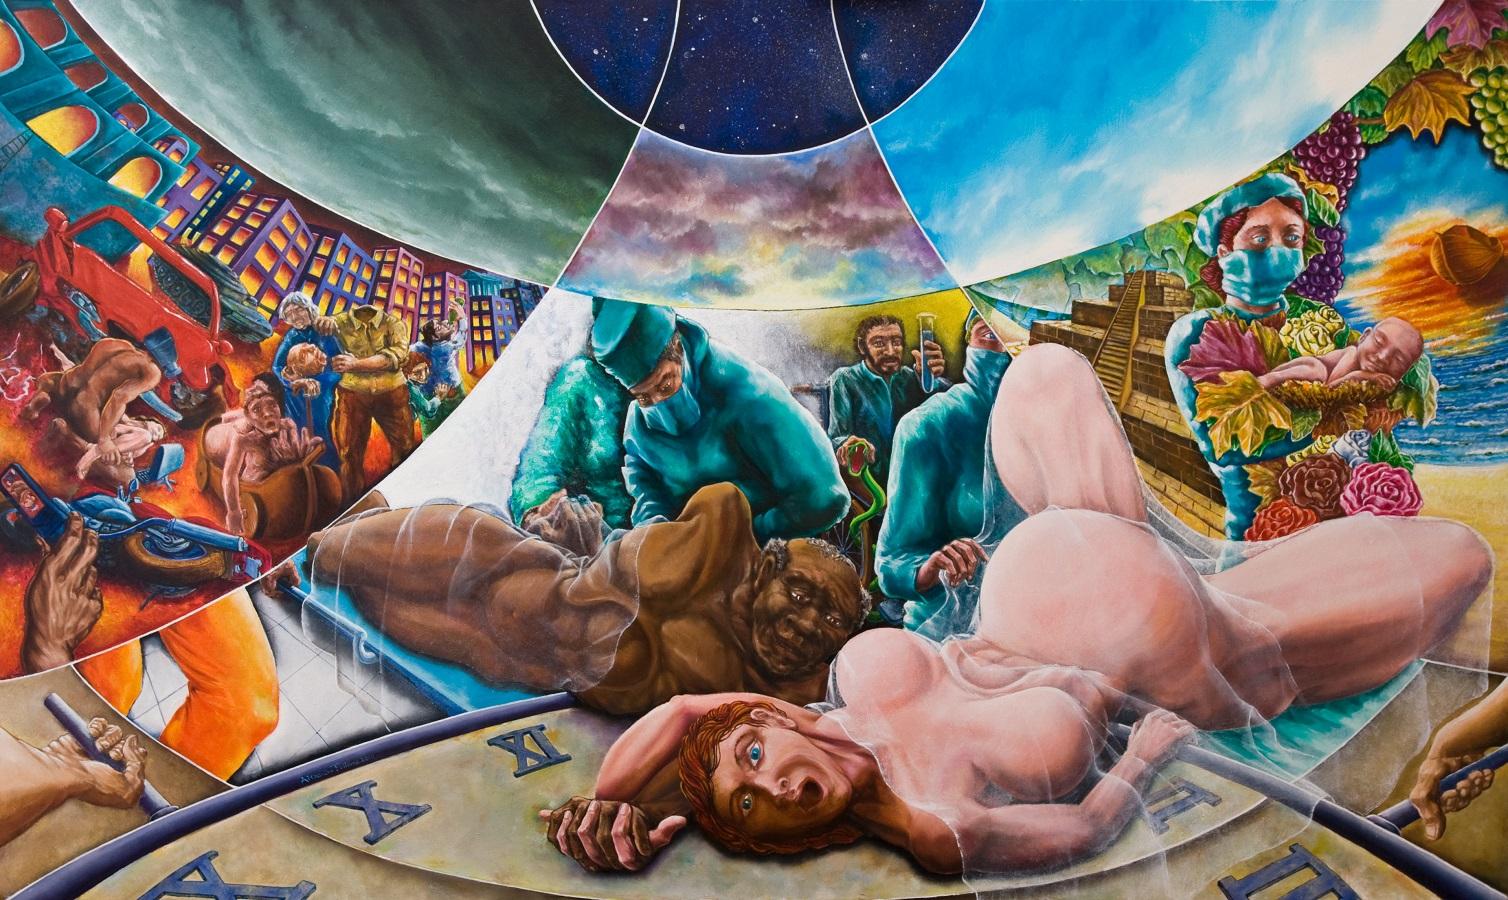 Alessandro Pultrone SALUTE olio su tela 200 x 120 del  2010